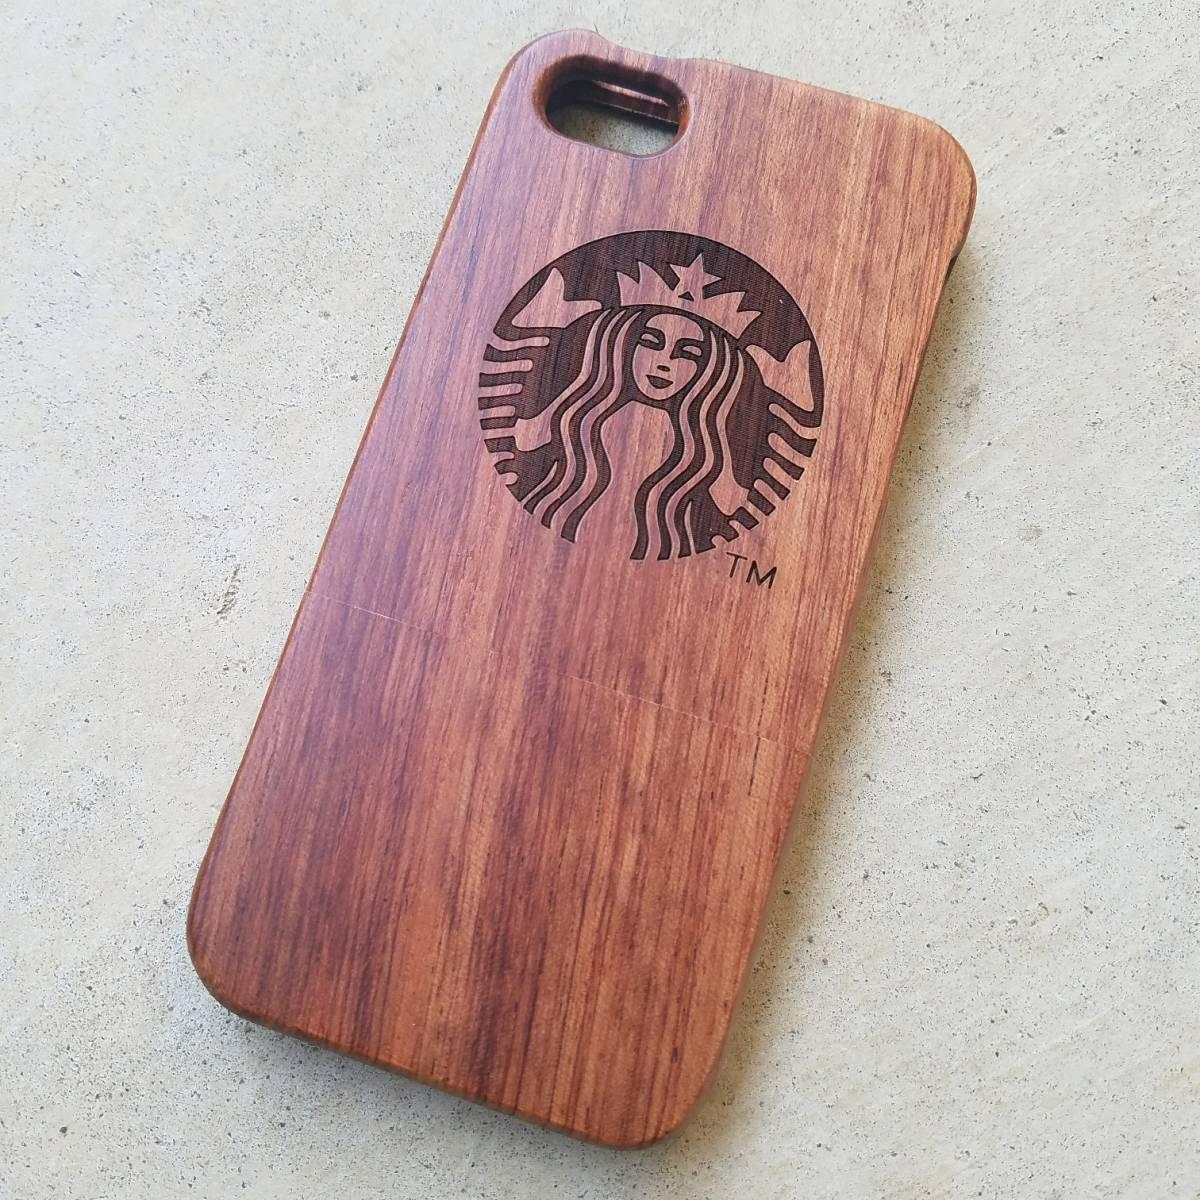 切手可 送料無料 iPhone5s 5 SE 対応 スターバックス ウッドケース 天然木 ローズウッド 各写真撮っております。